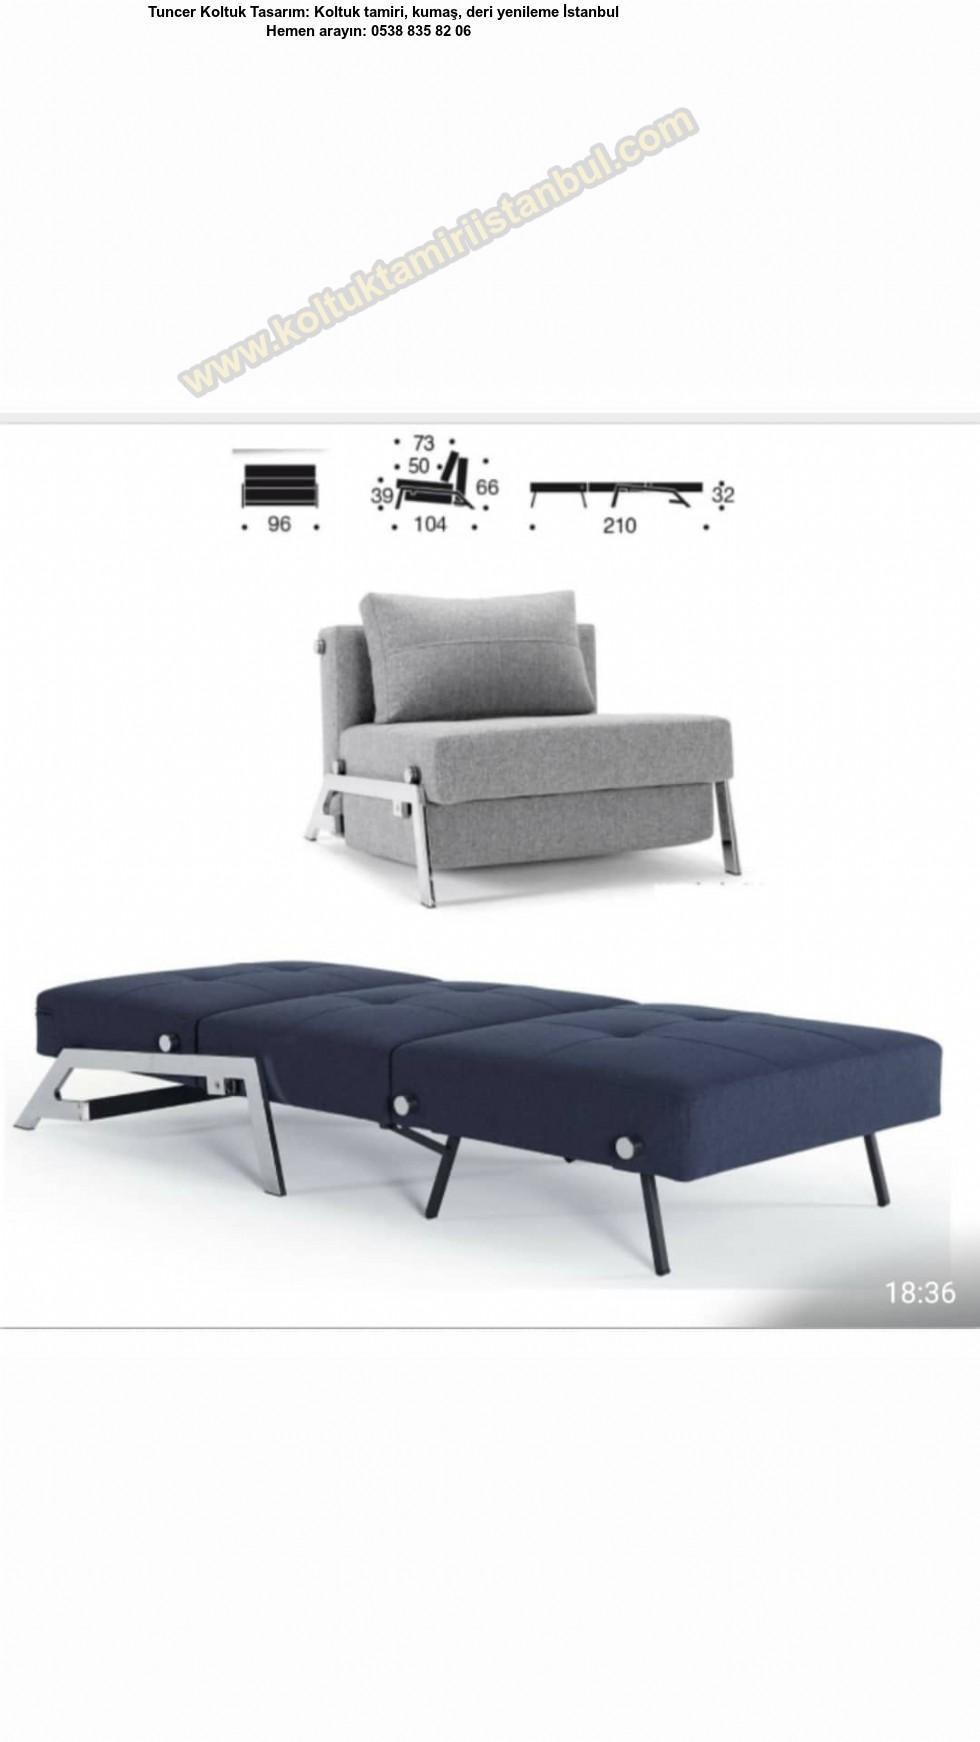 Yataklı Tekli Koltuk, Tek Kişilik Model Üretim